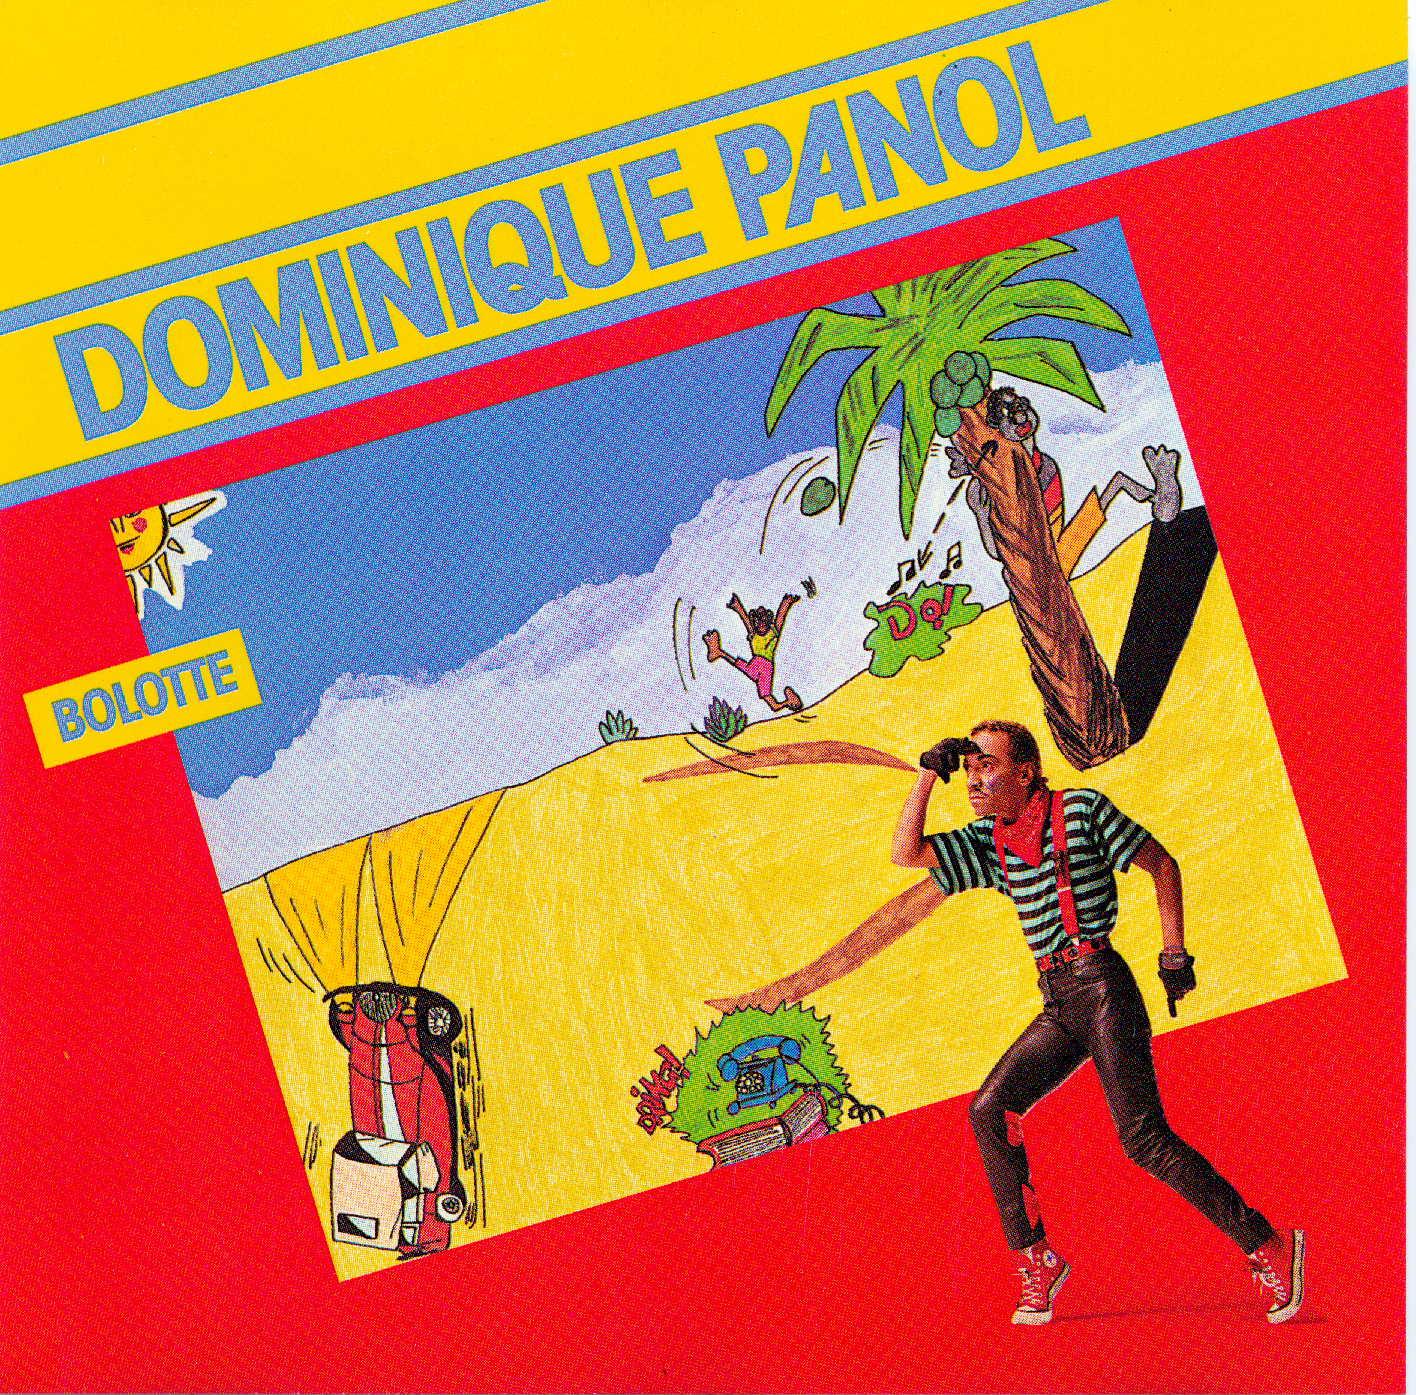 Dominique Panol - Bolotte  (1987)